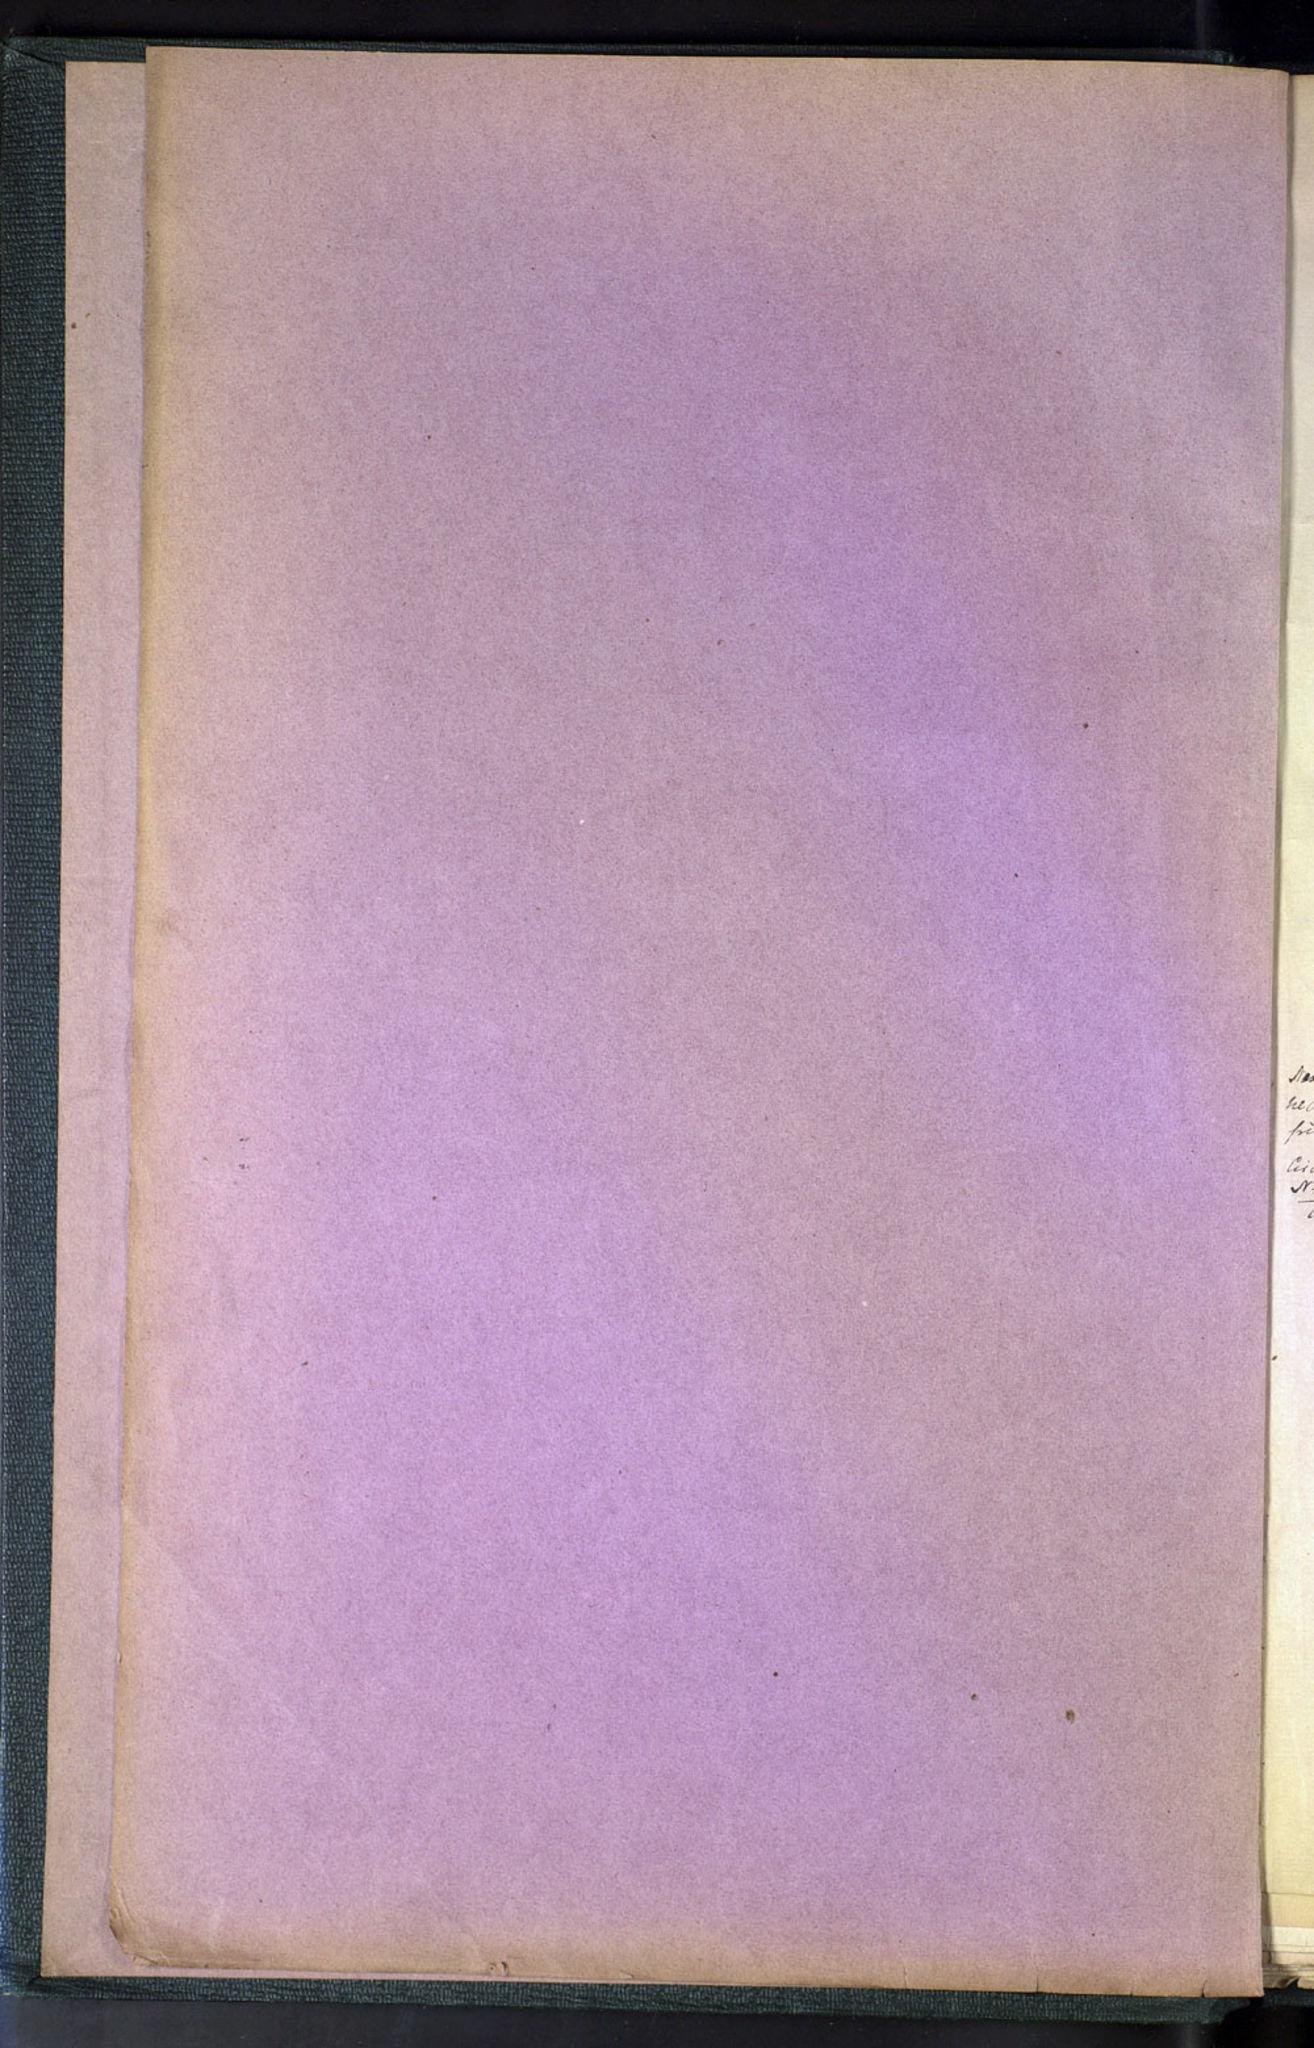 NOPO, Norges Postmuseums bibliotek, -/-: Sirkulærer fra Den Kongelige Norske Regjerings Postdepartement, 1861